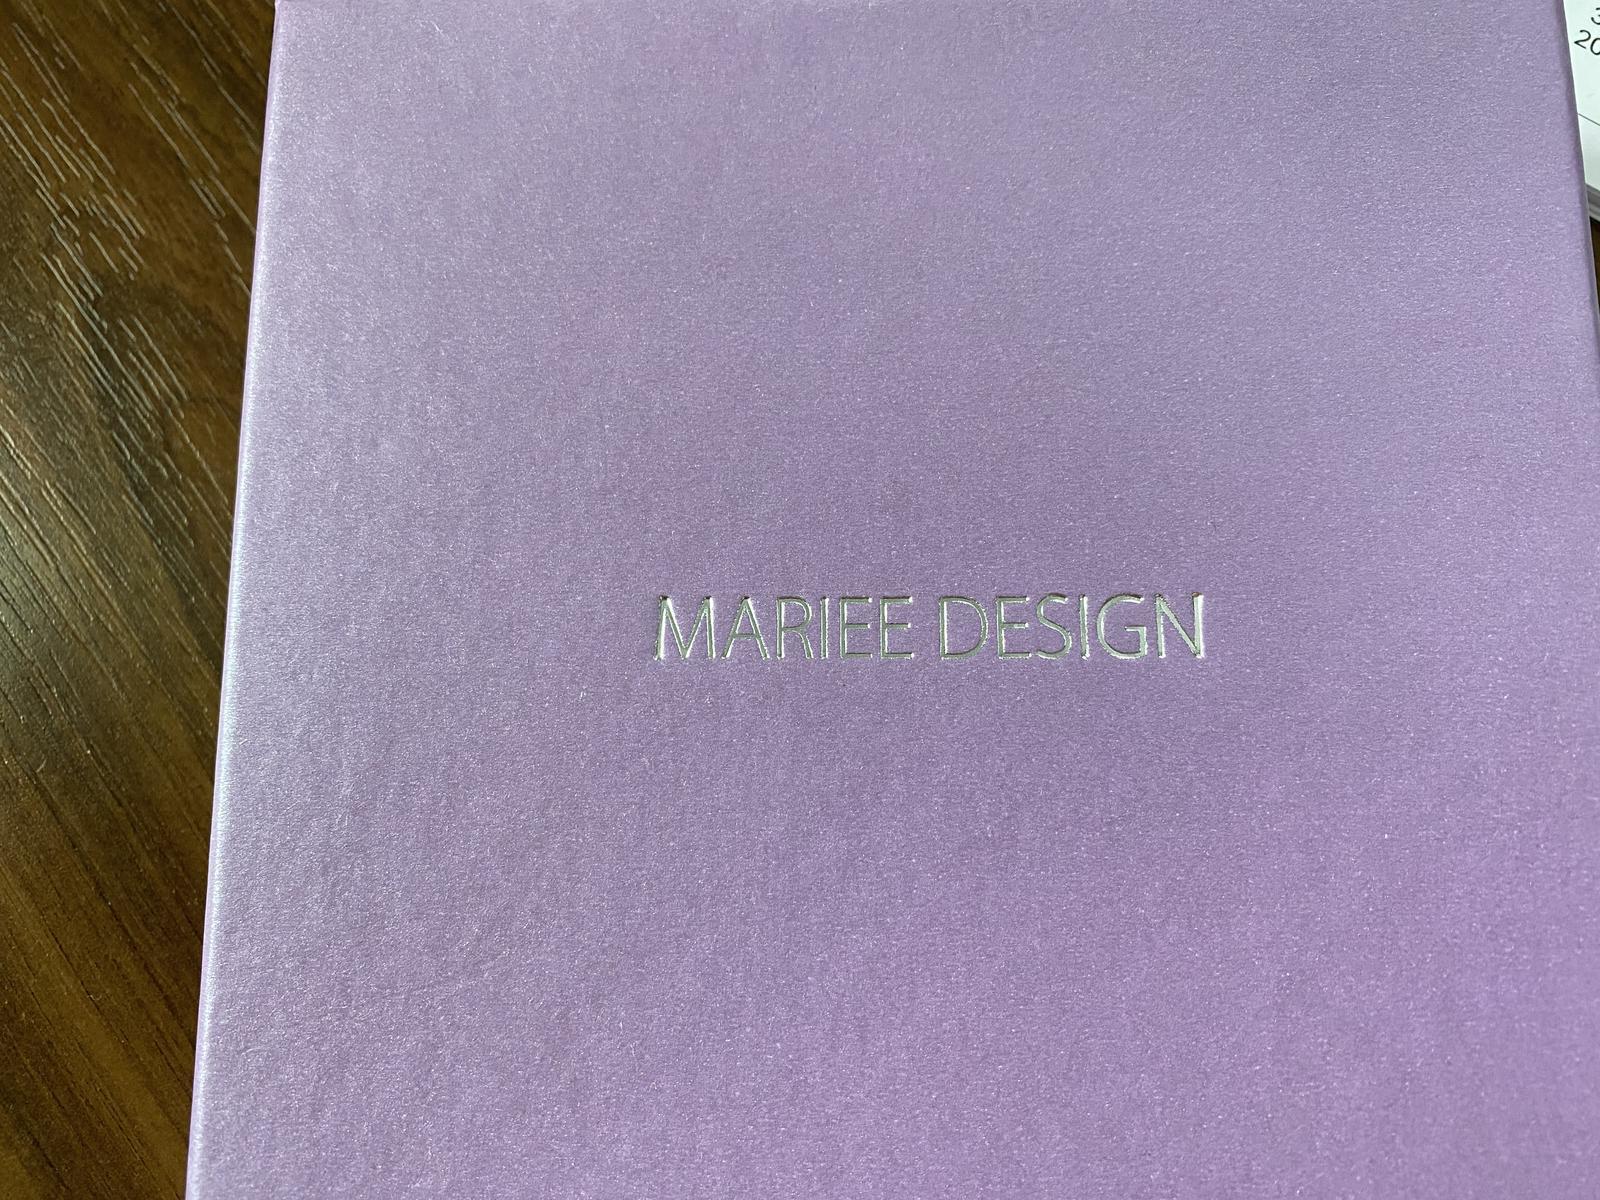 Náušnice od mariee design - Obrázok č. 2